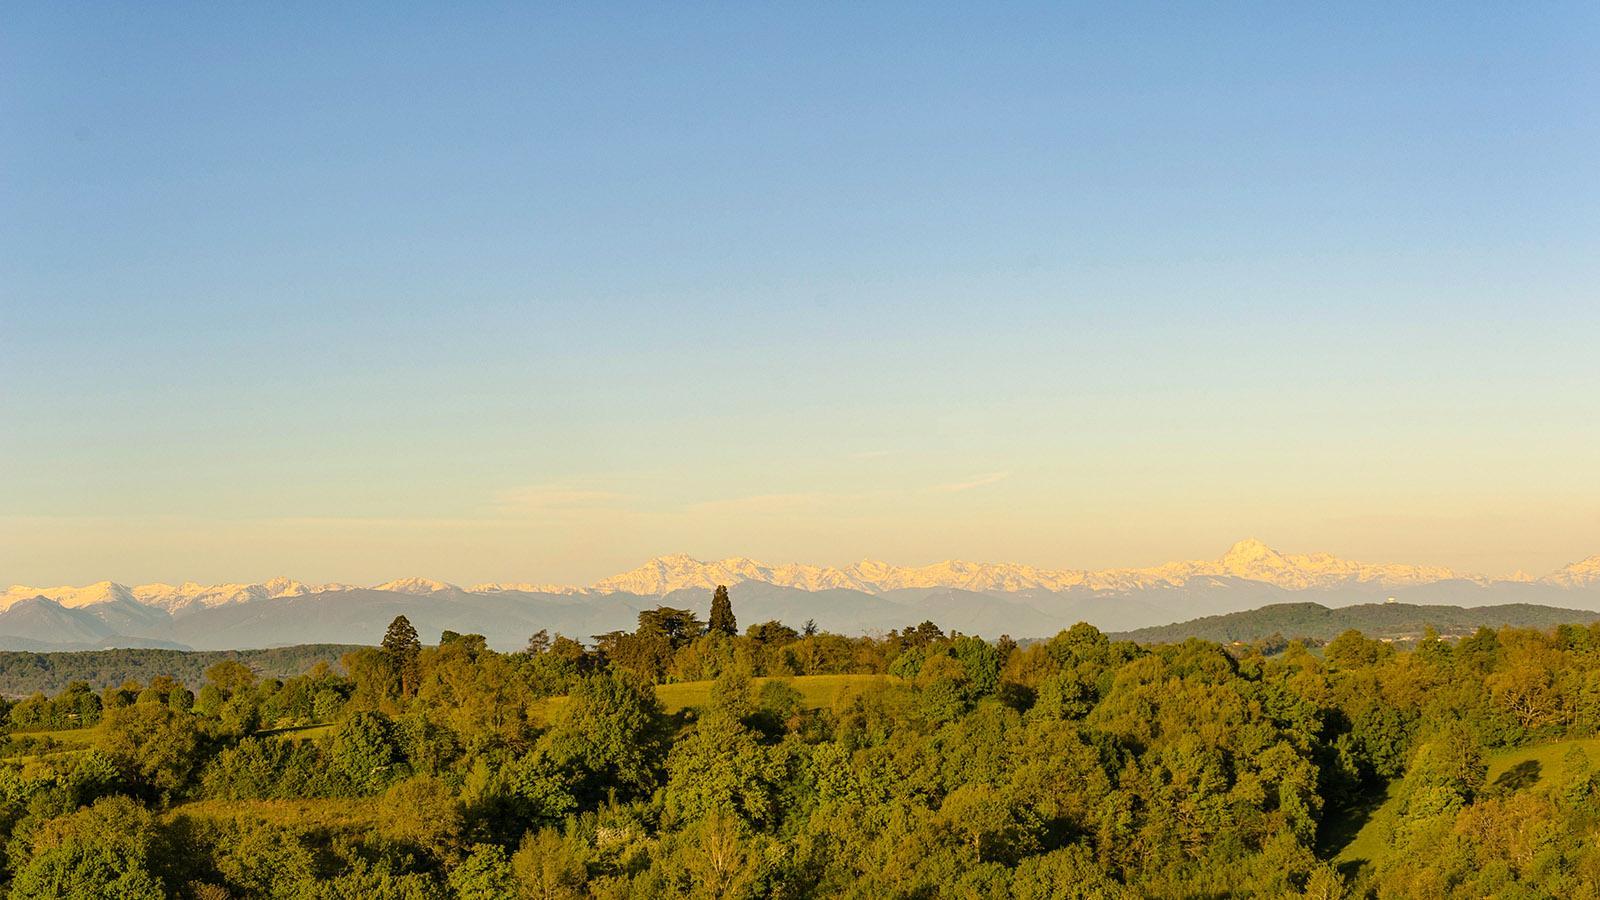 Traumhaft: der Ausblick von Aurignac auf den Hauptkamm der Pyrenäen. Foto: Hilke Maunder